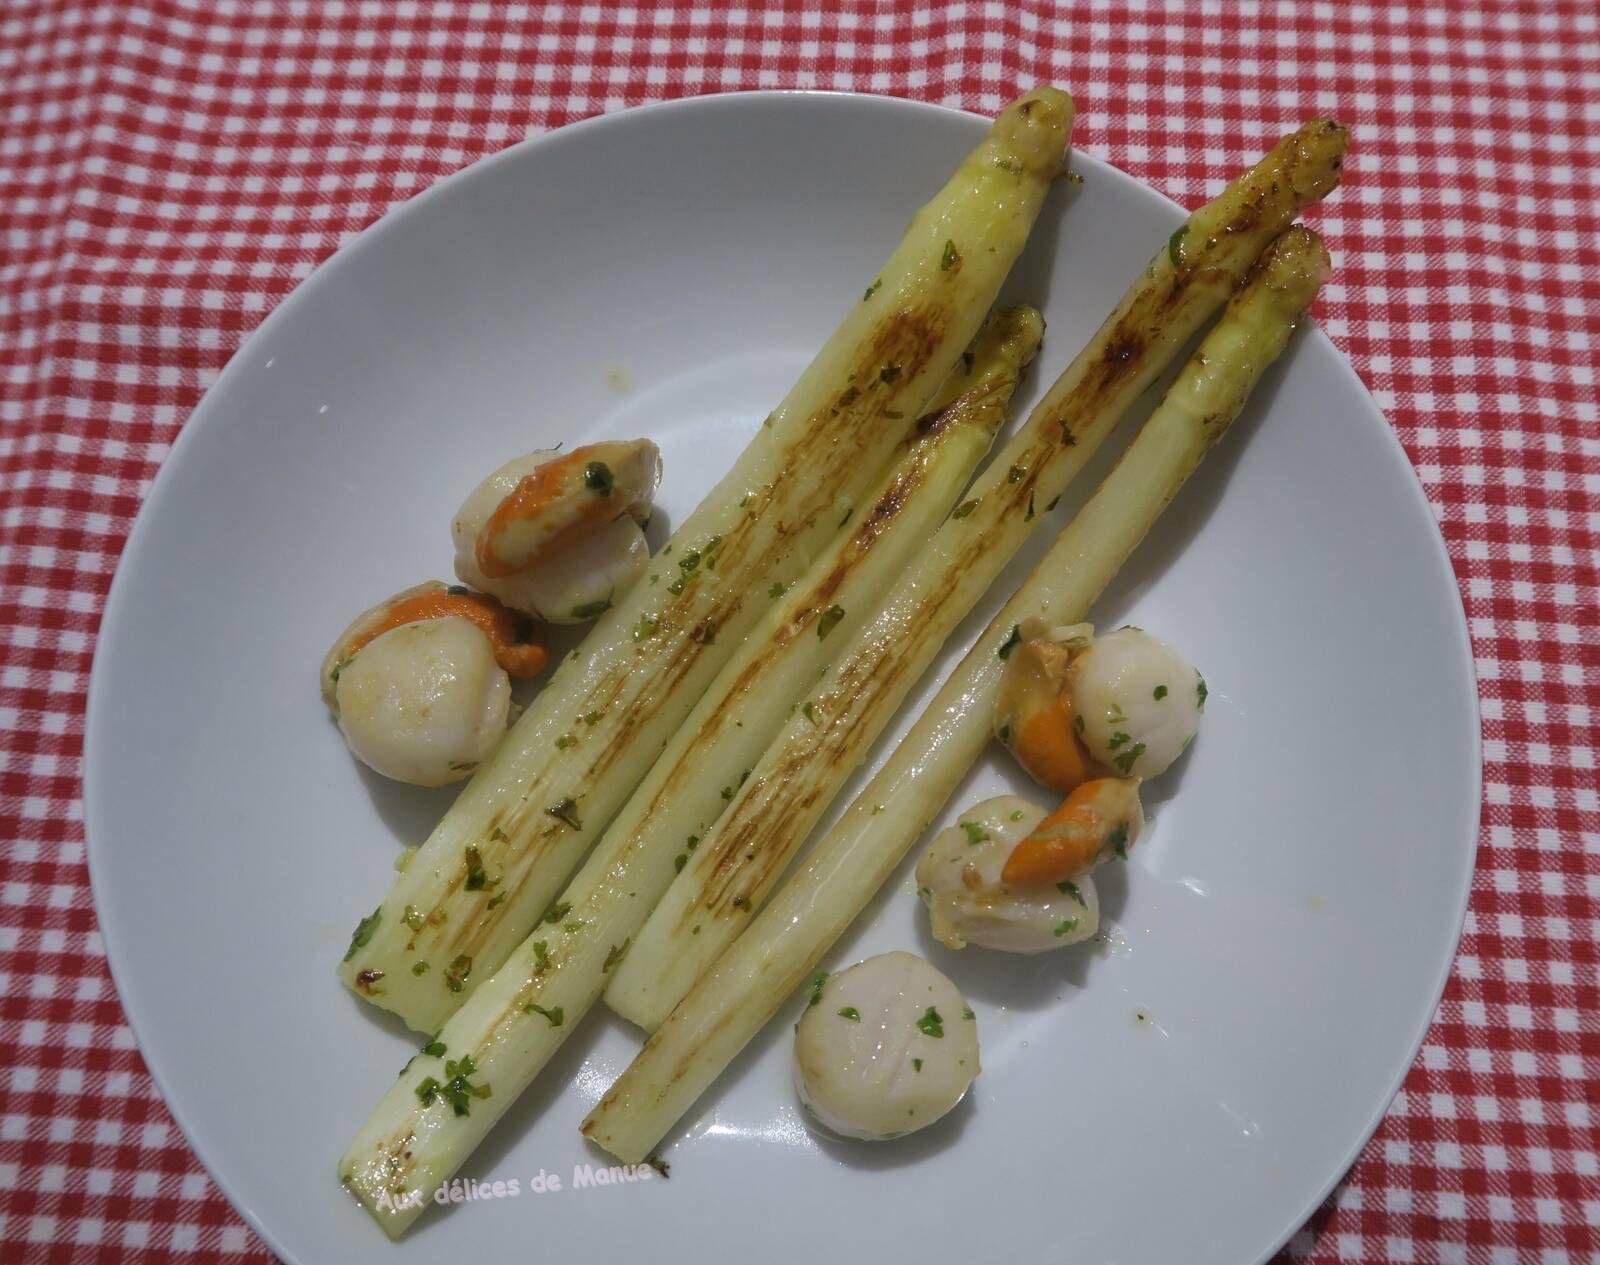 Asperges blanches des landes et noix de st jacques au beurre ail et persil